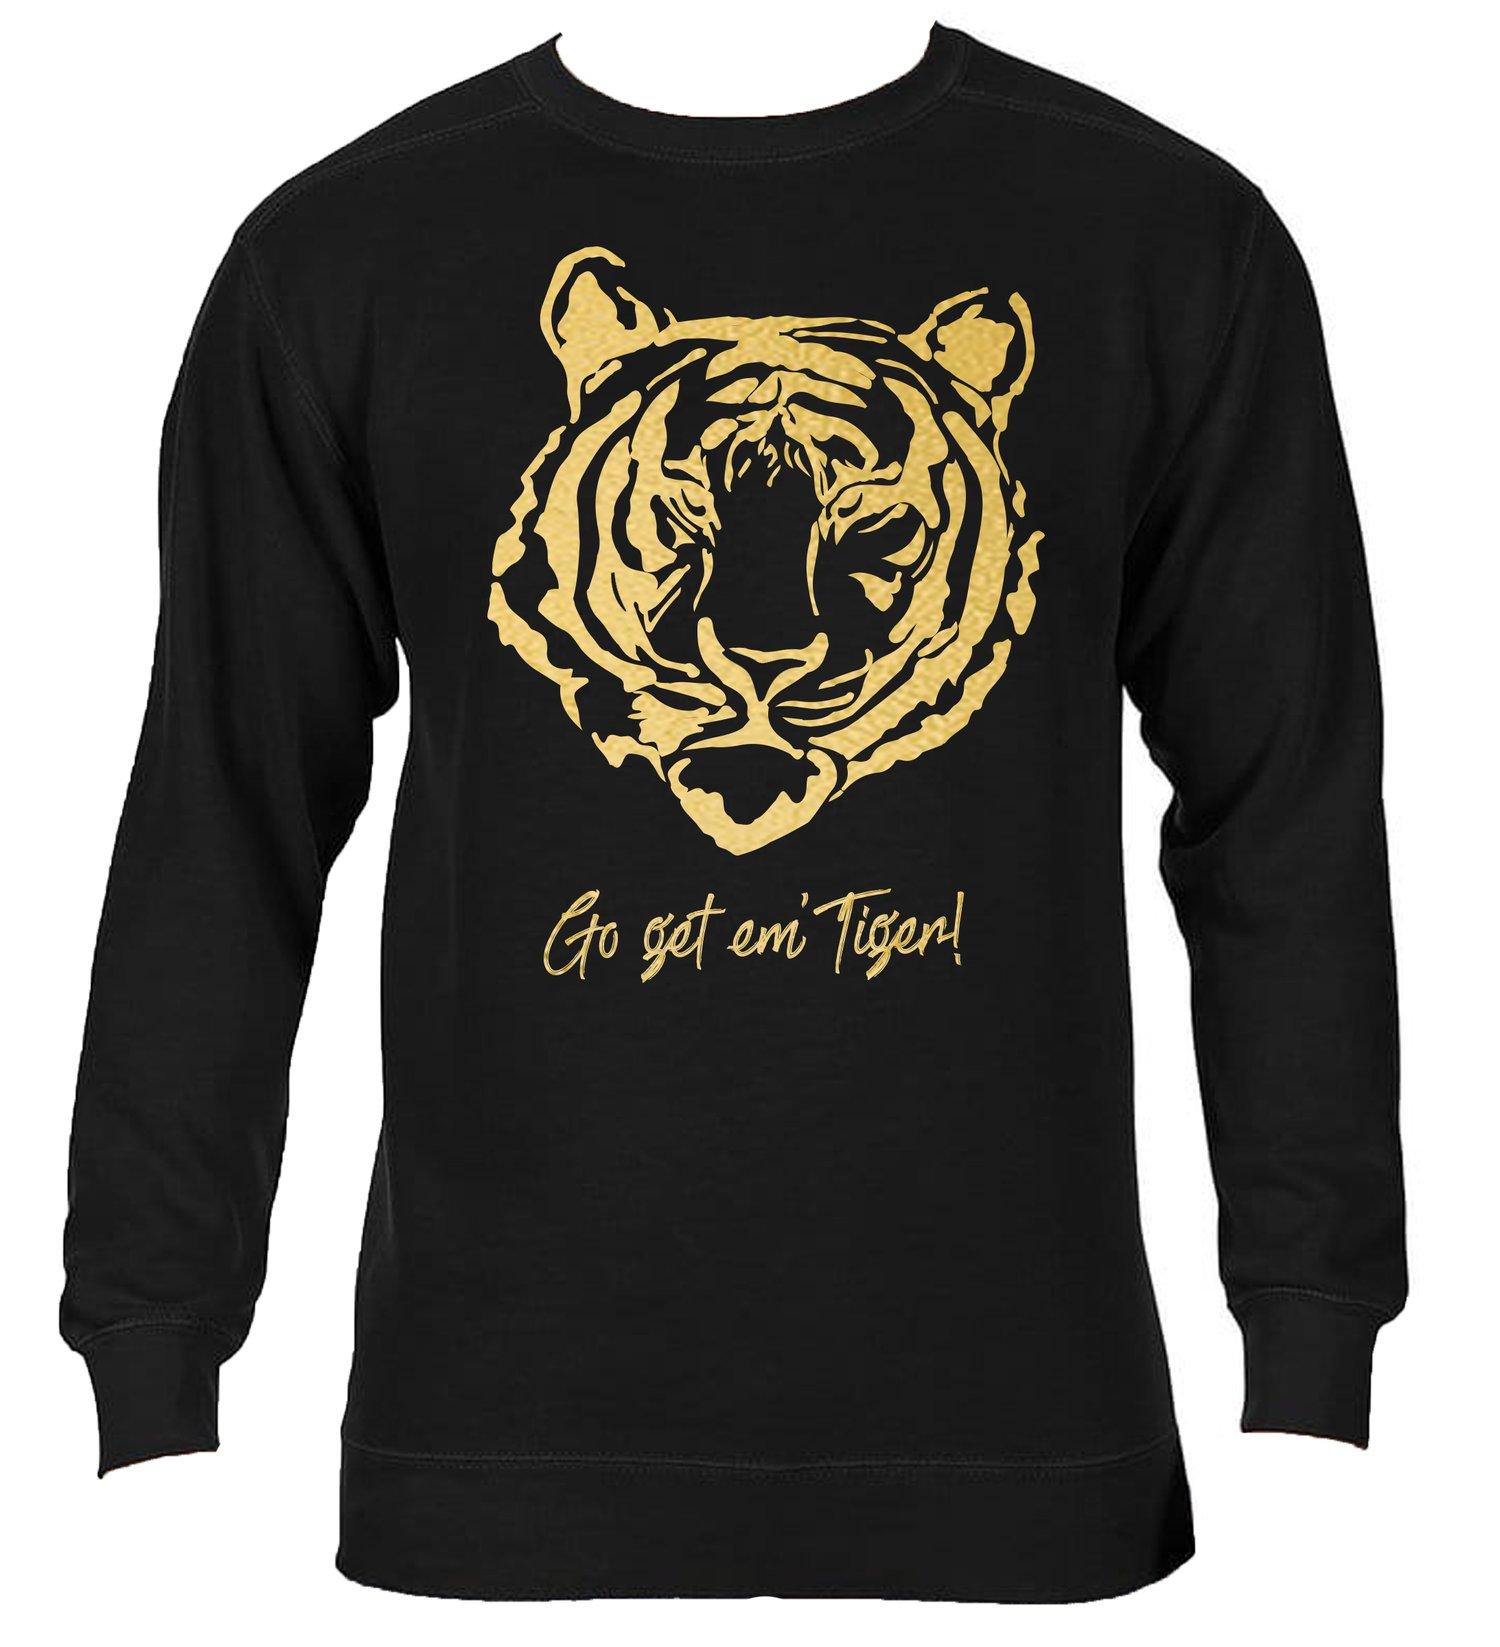 Image of Get Em' Tiger! CC SWEATSHIRT - Black (USPS DELIVERY)